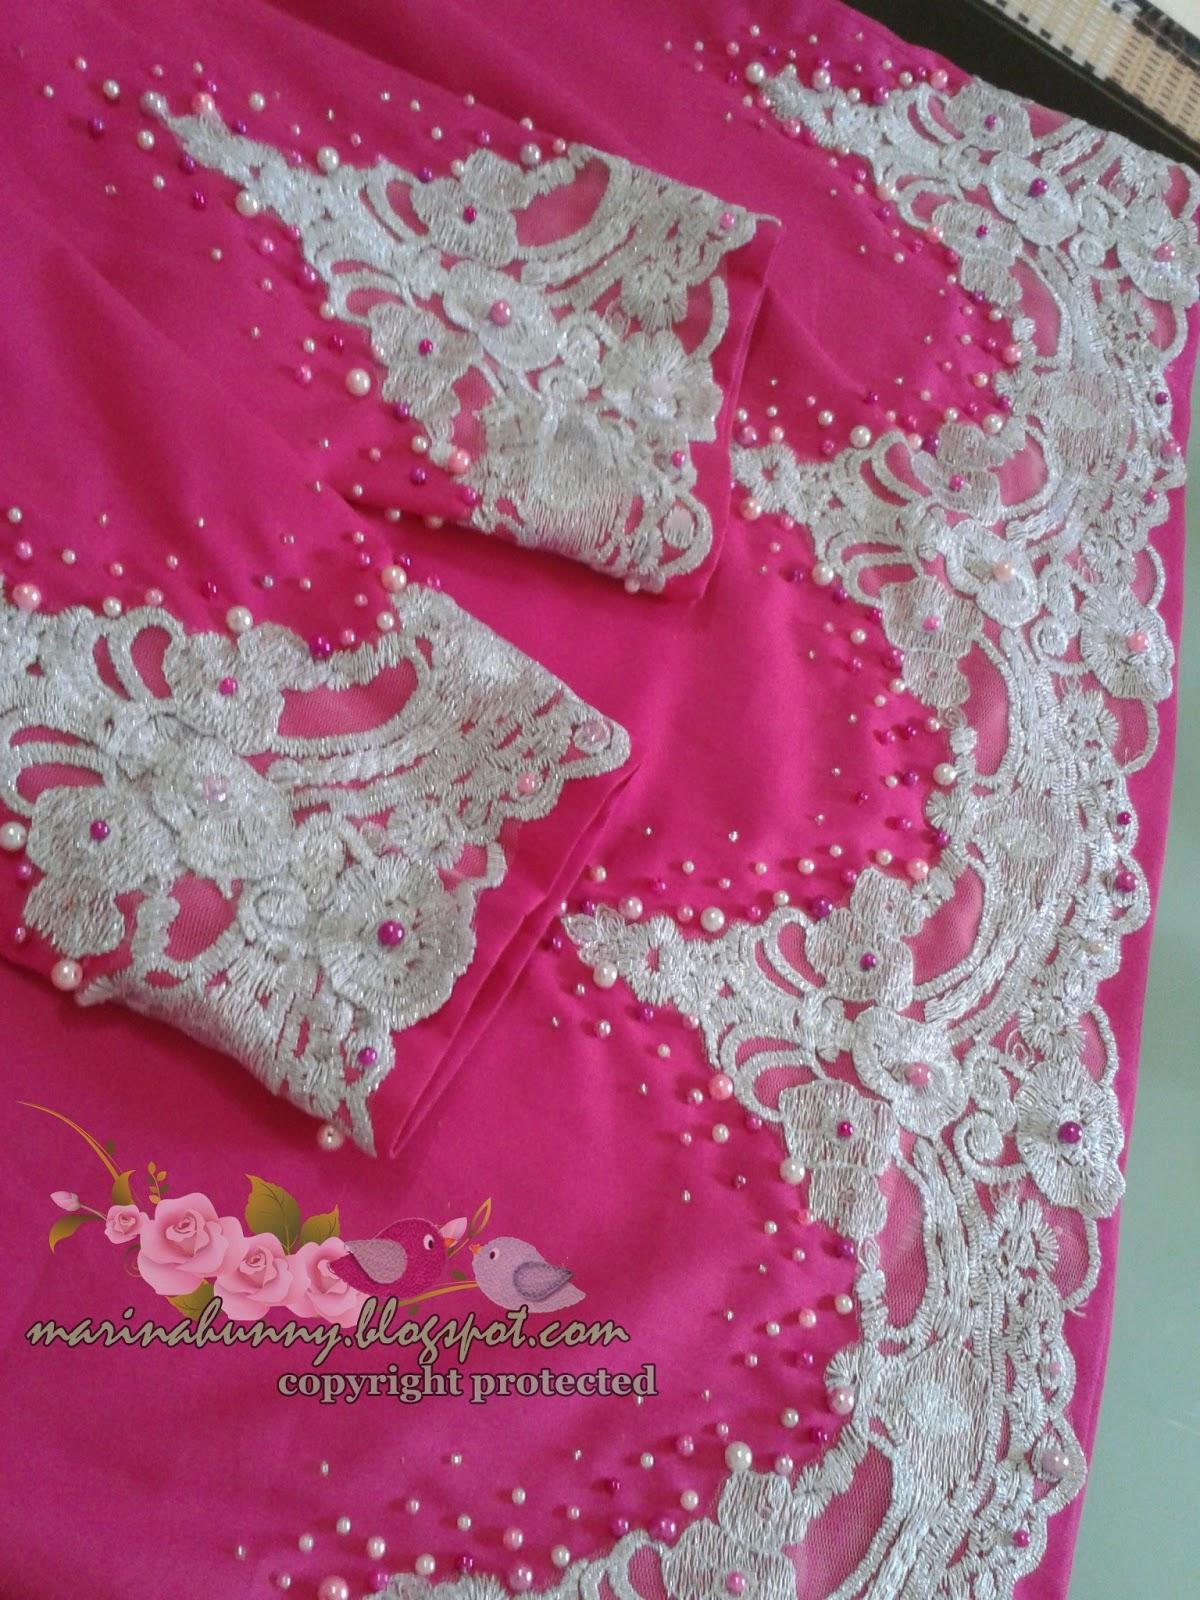 Cara Menjahit Baju Lace Manik   manik crumble baju peplum ...